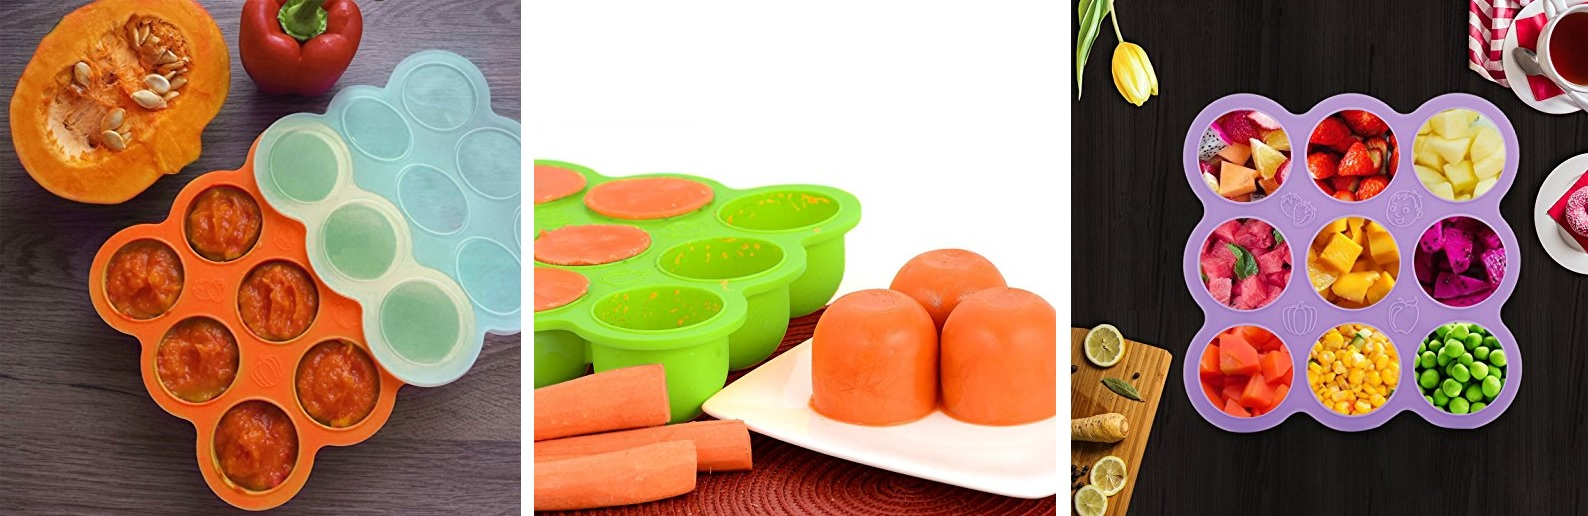 Babybrei aufbewahrung portionierbar